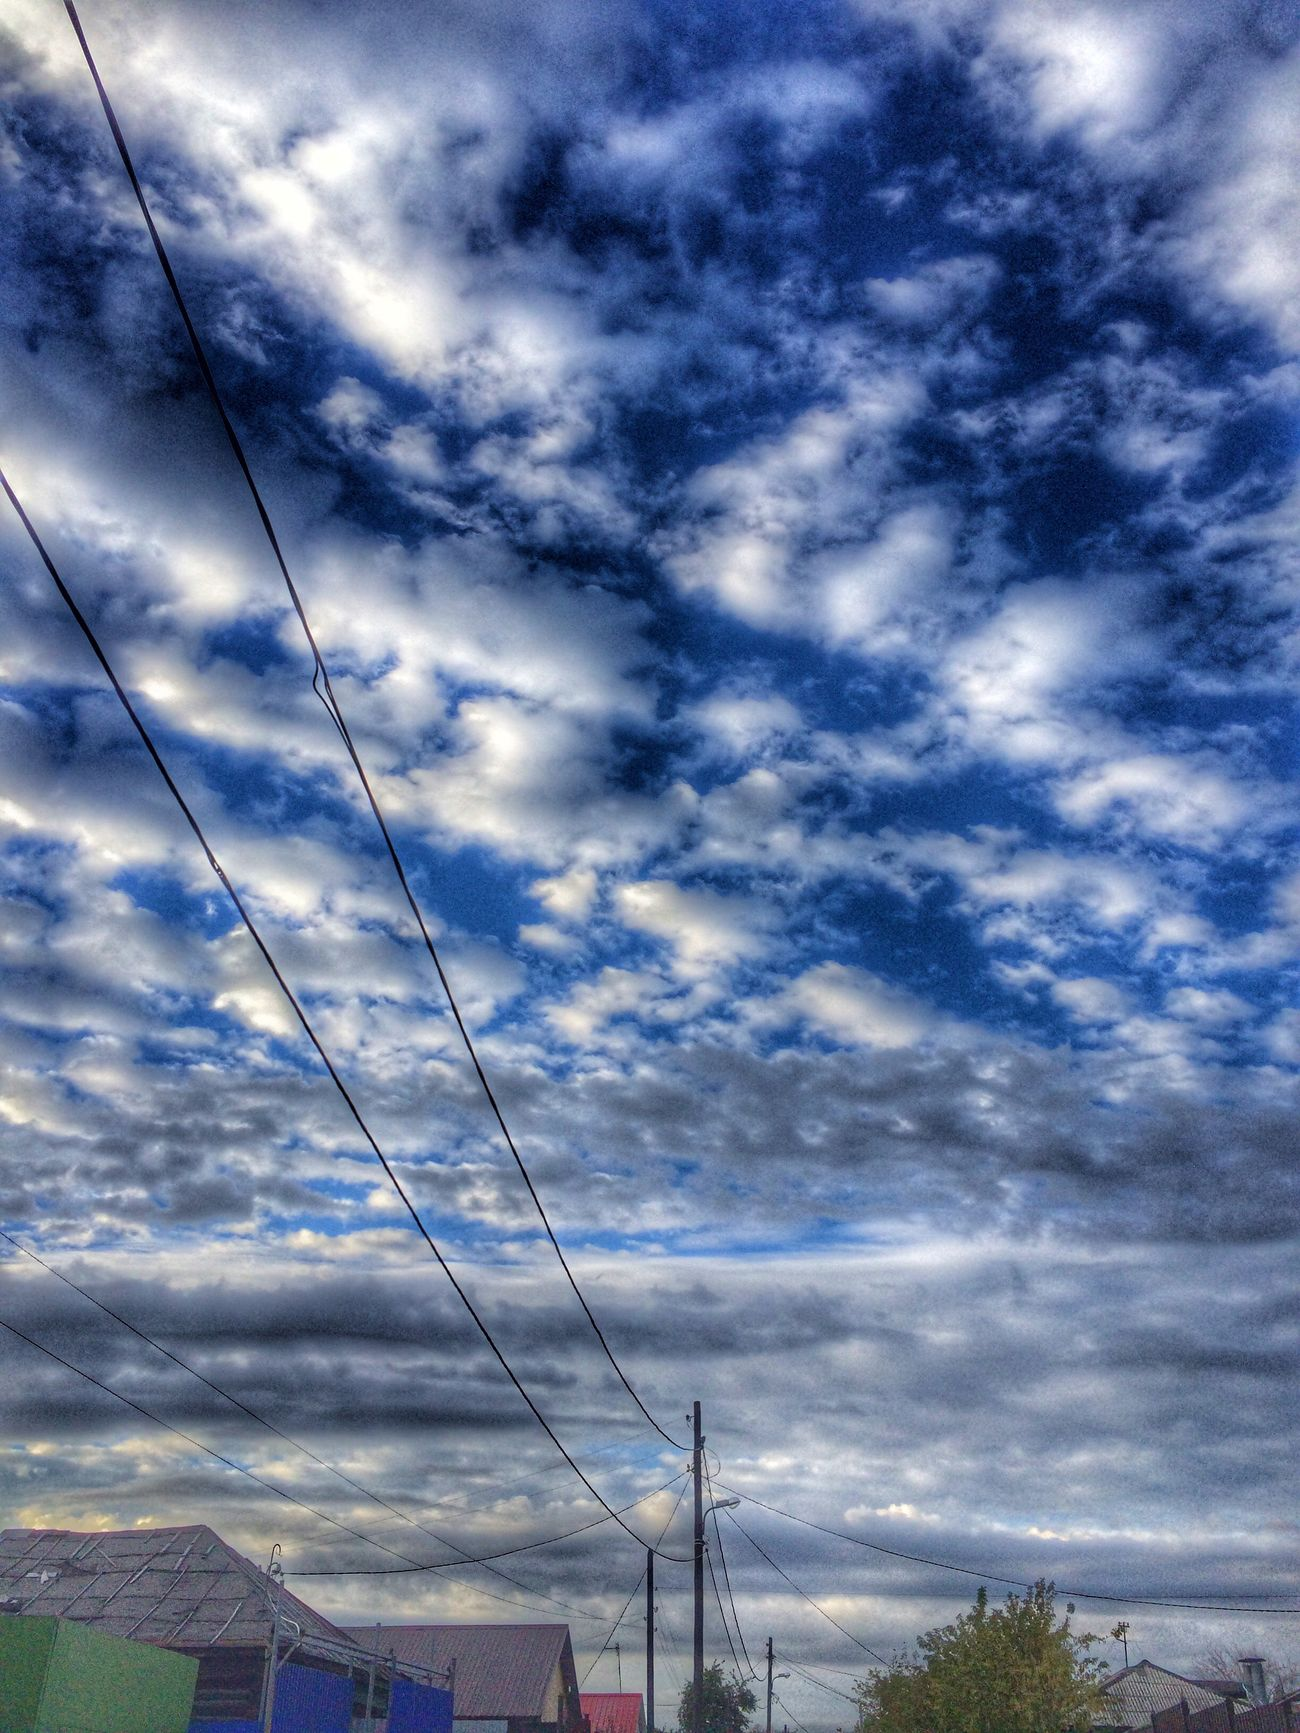 Sky небо⛅️ облака👍 многоэффектов❤️